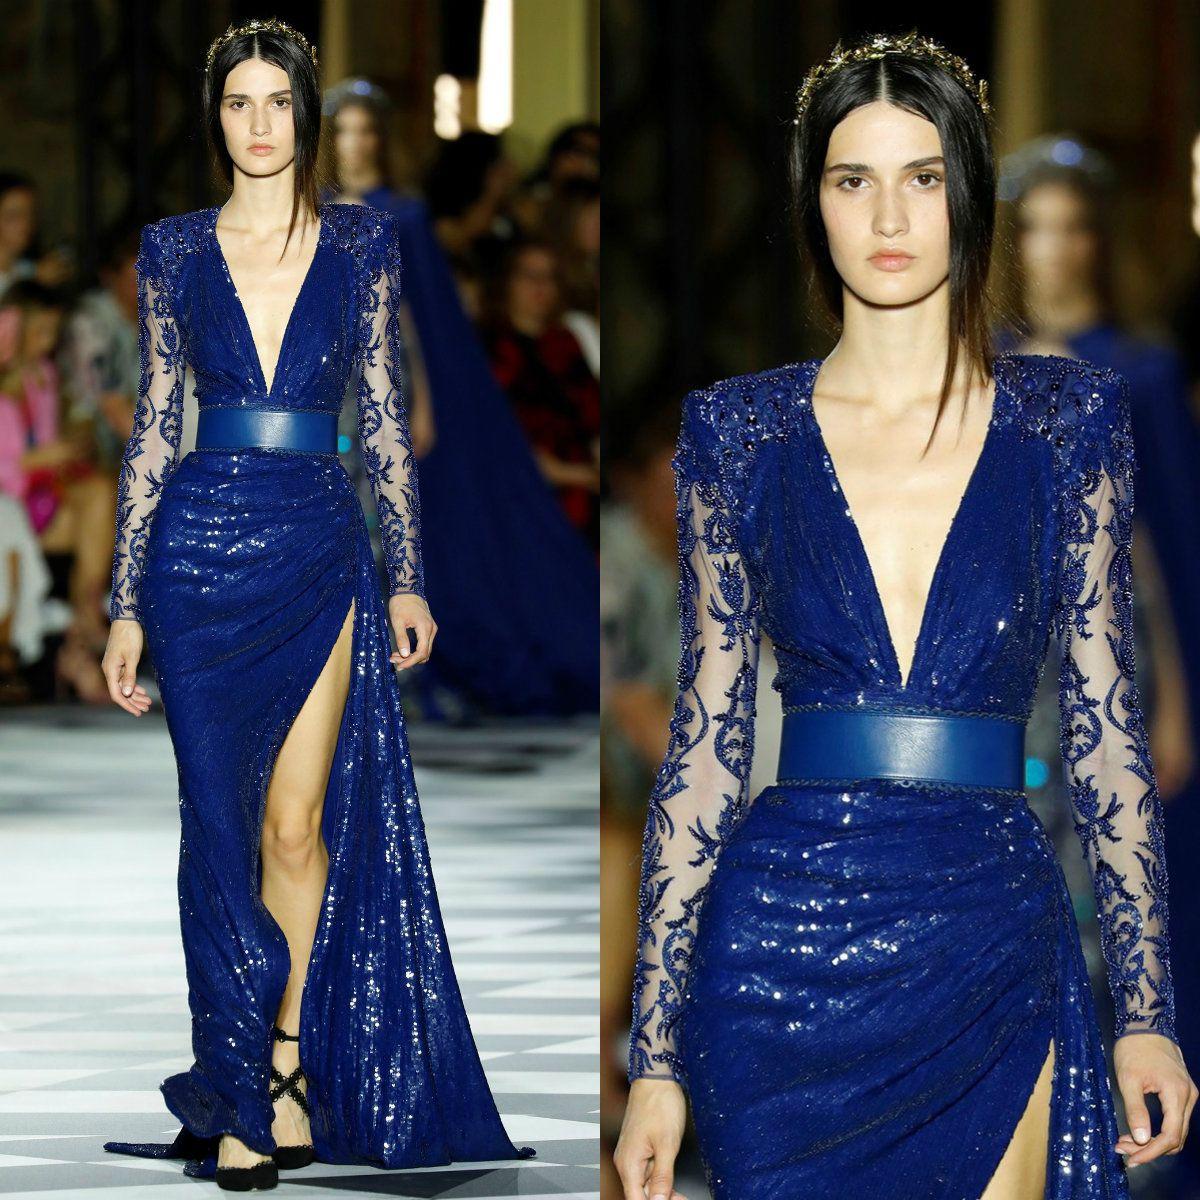 Sirena con lentejuelas sexy vestidos de baile 2019 Zuhair Murad azul de manga larga con cuentas del muslo de las aberturas altas noche vestido de cóctel batas de tan